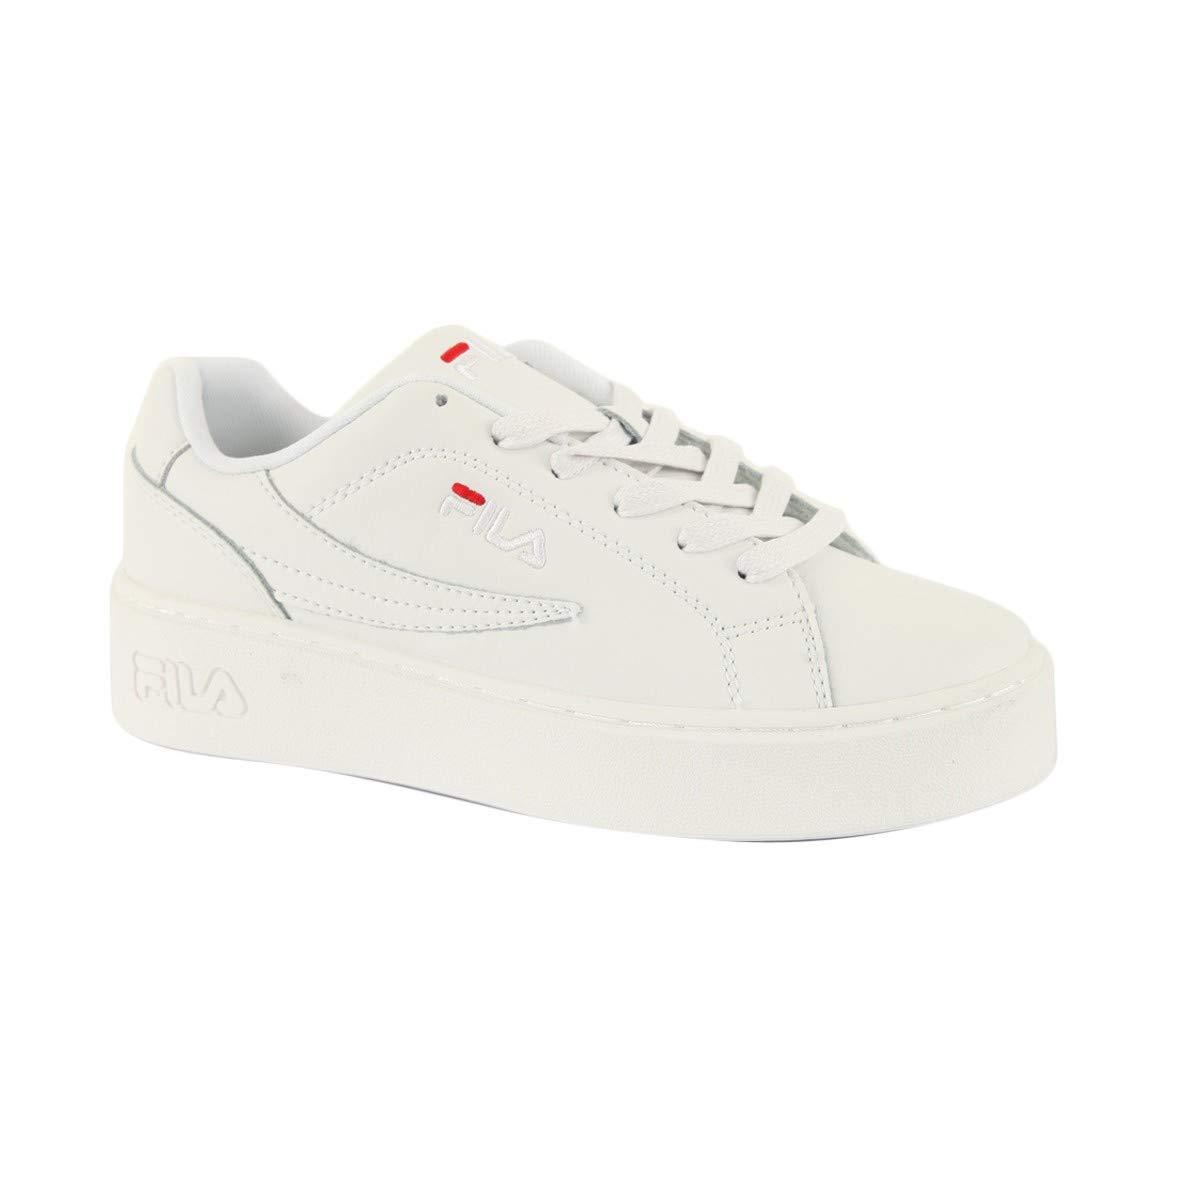 Fila Fila Fila scarpe da ginnastica Donna 1010472 OVERSATE